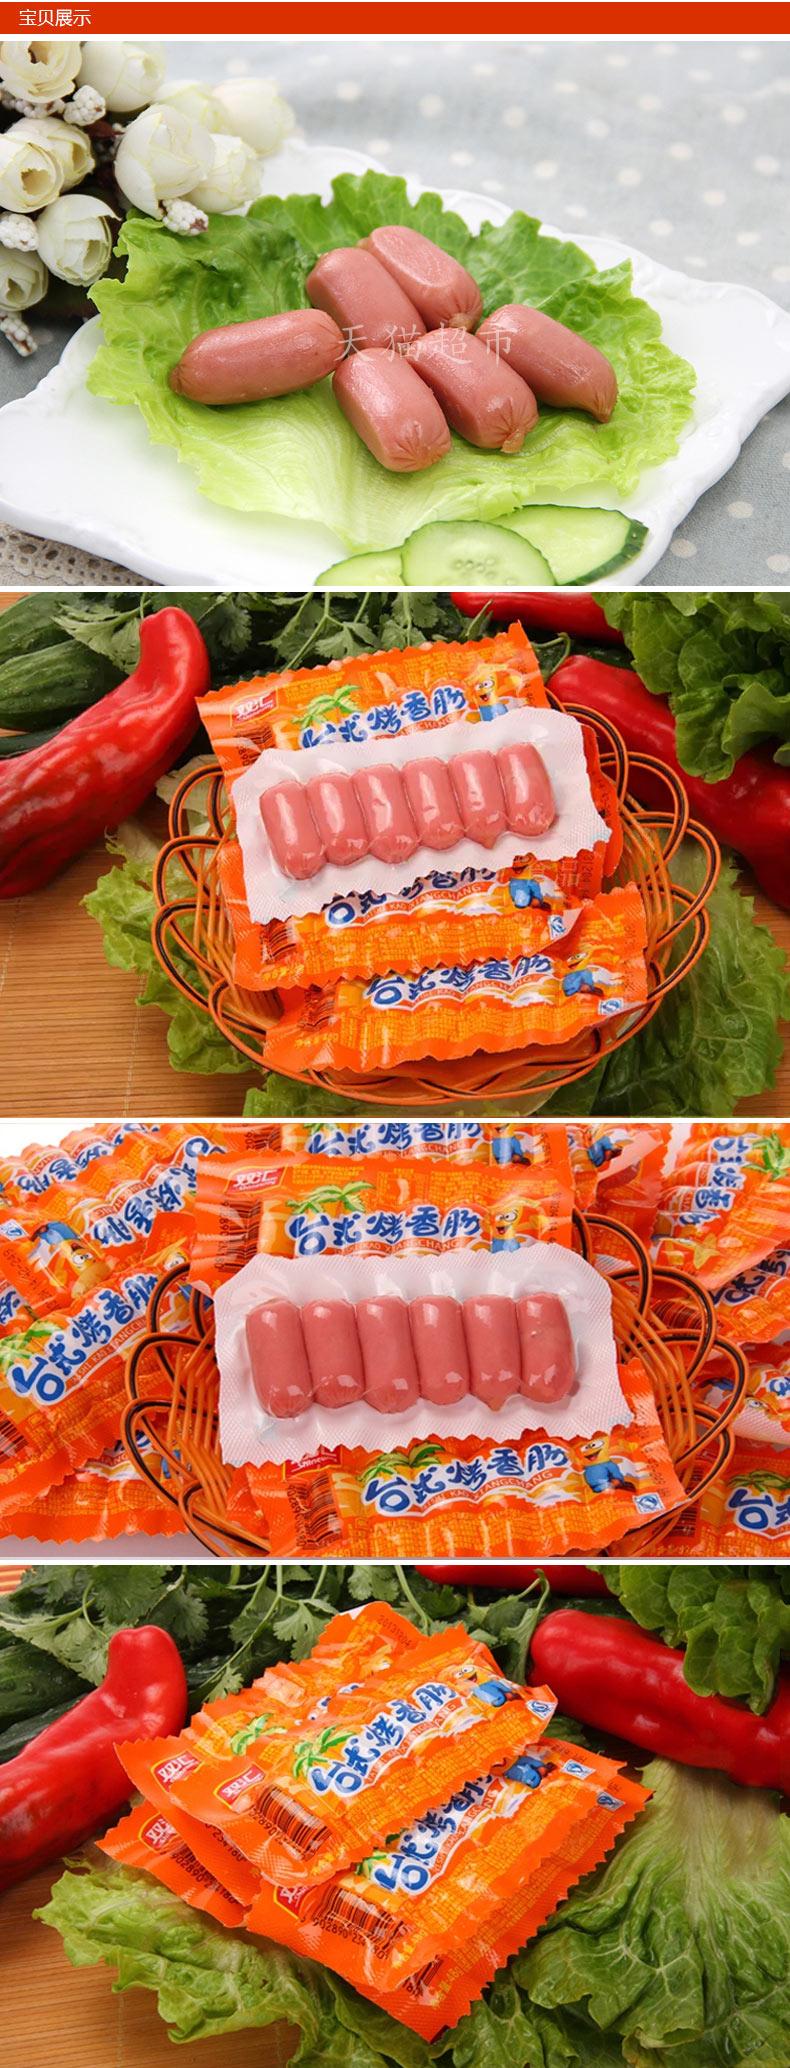 双汇原味热狗台式烤香肠火腿肠48g 零食配泡面